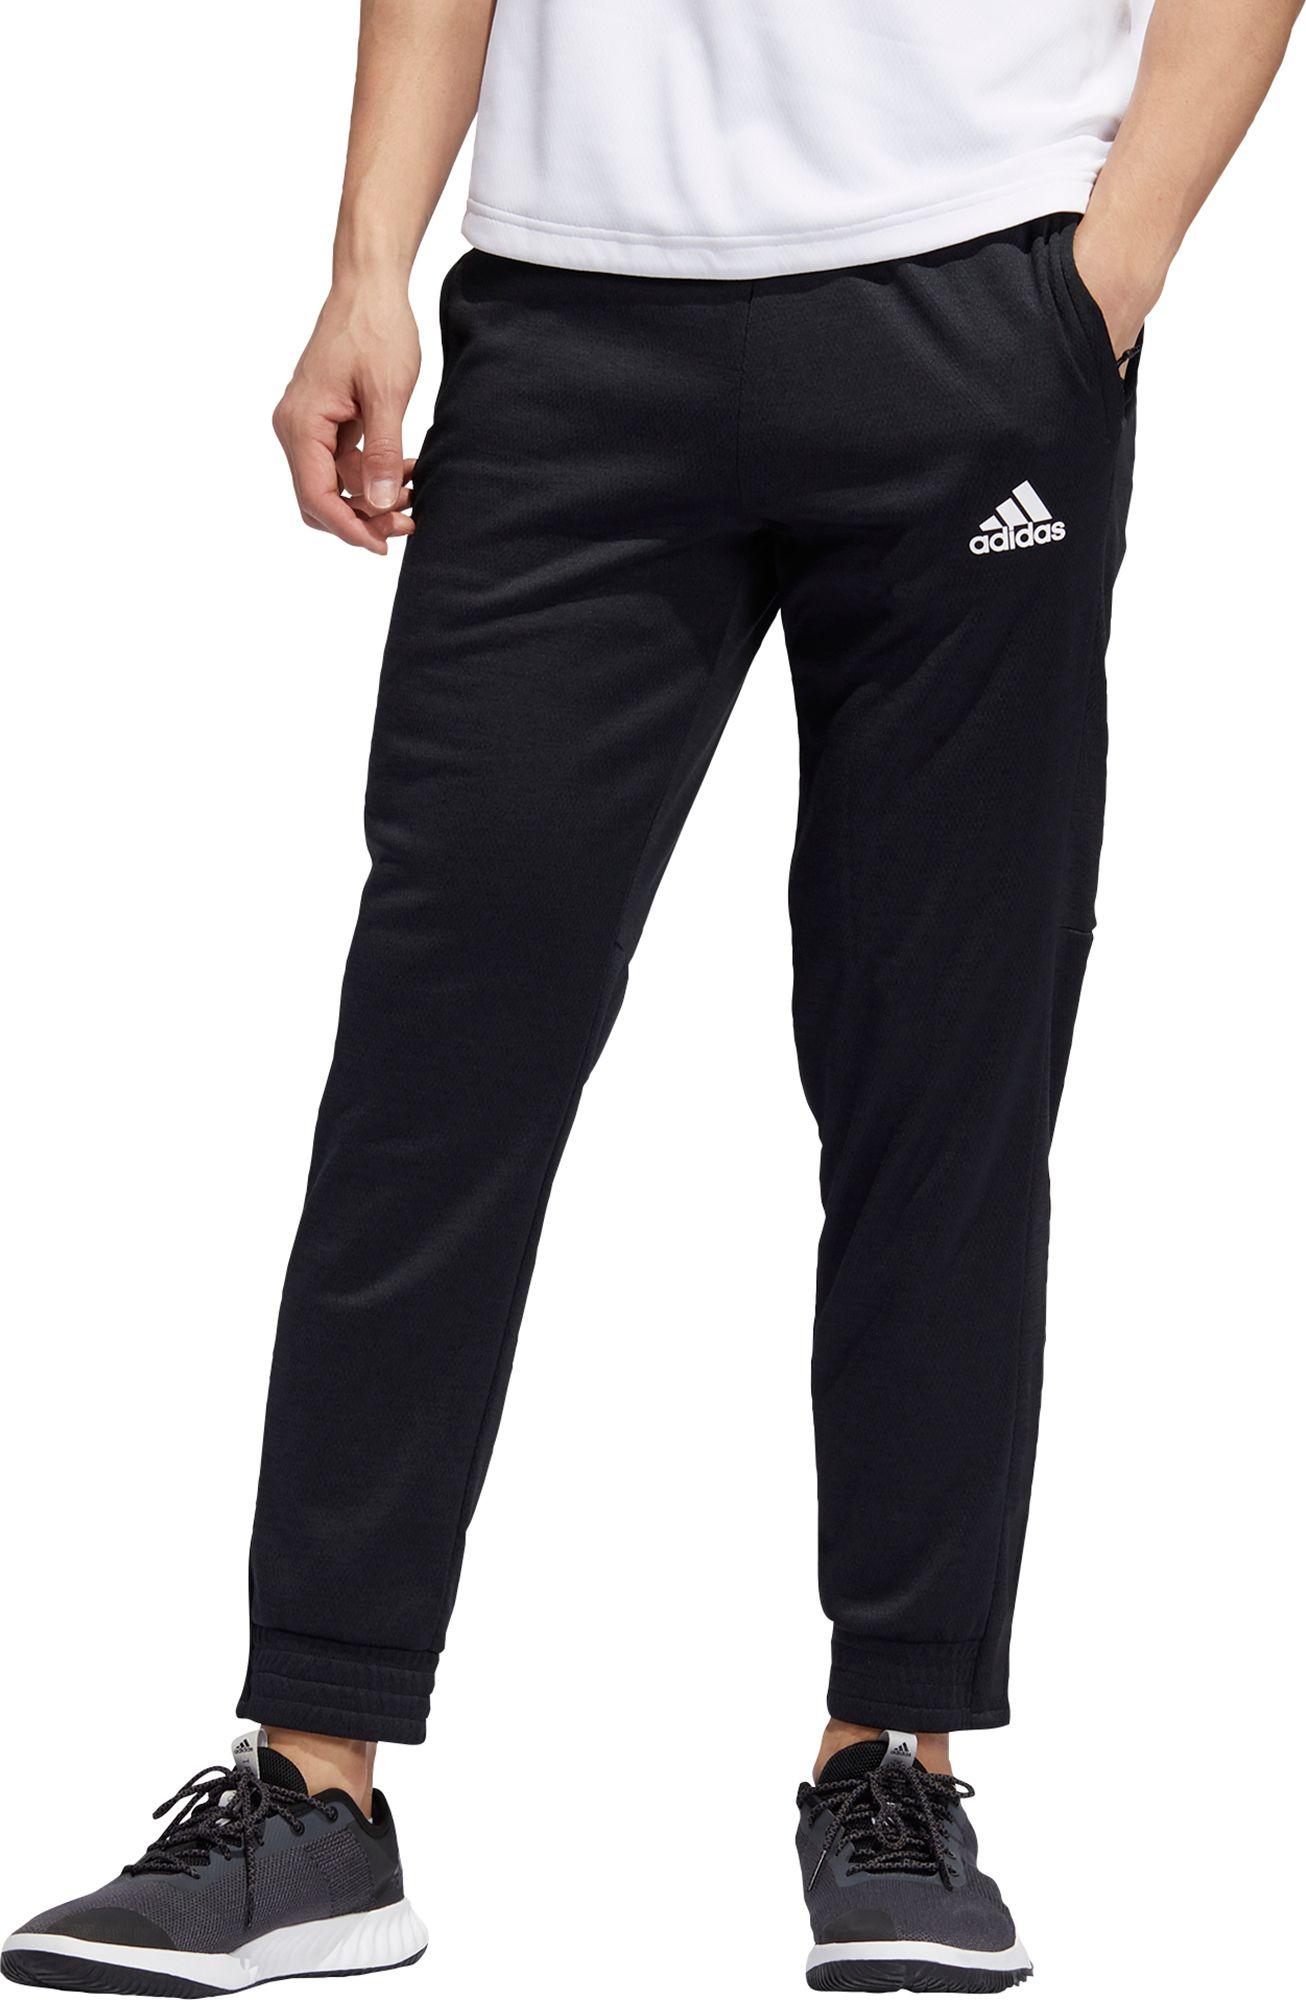 adidas jogger pants mens